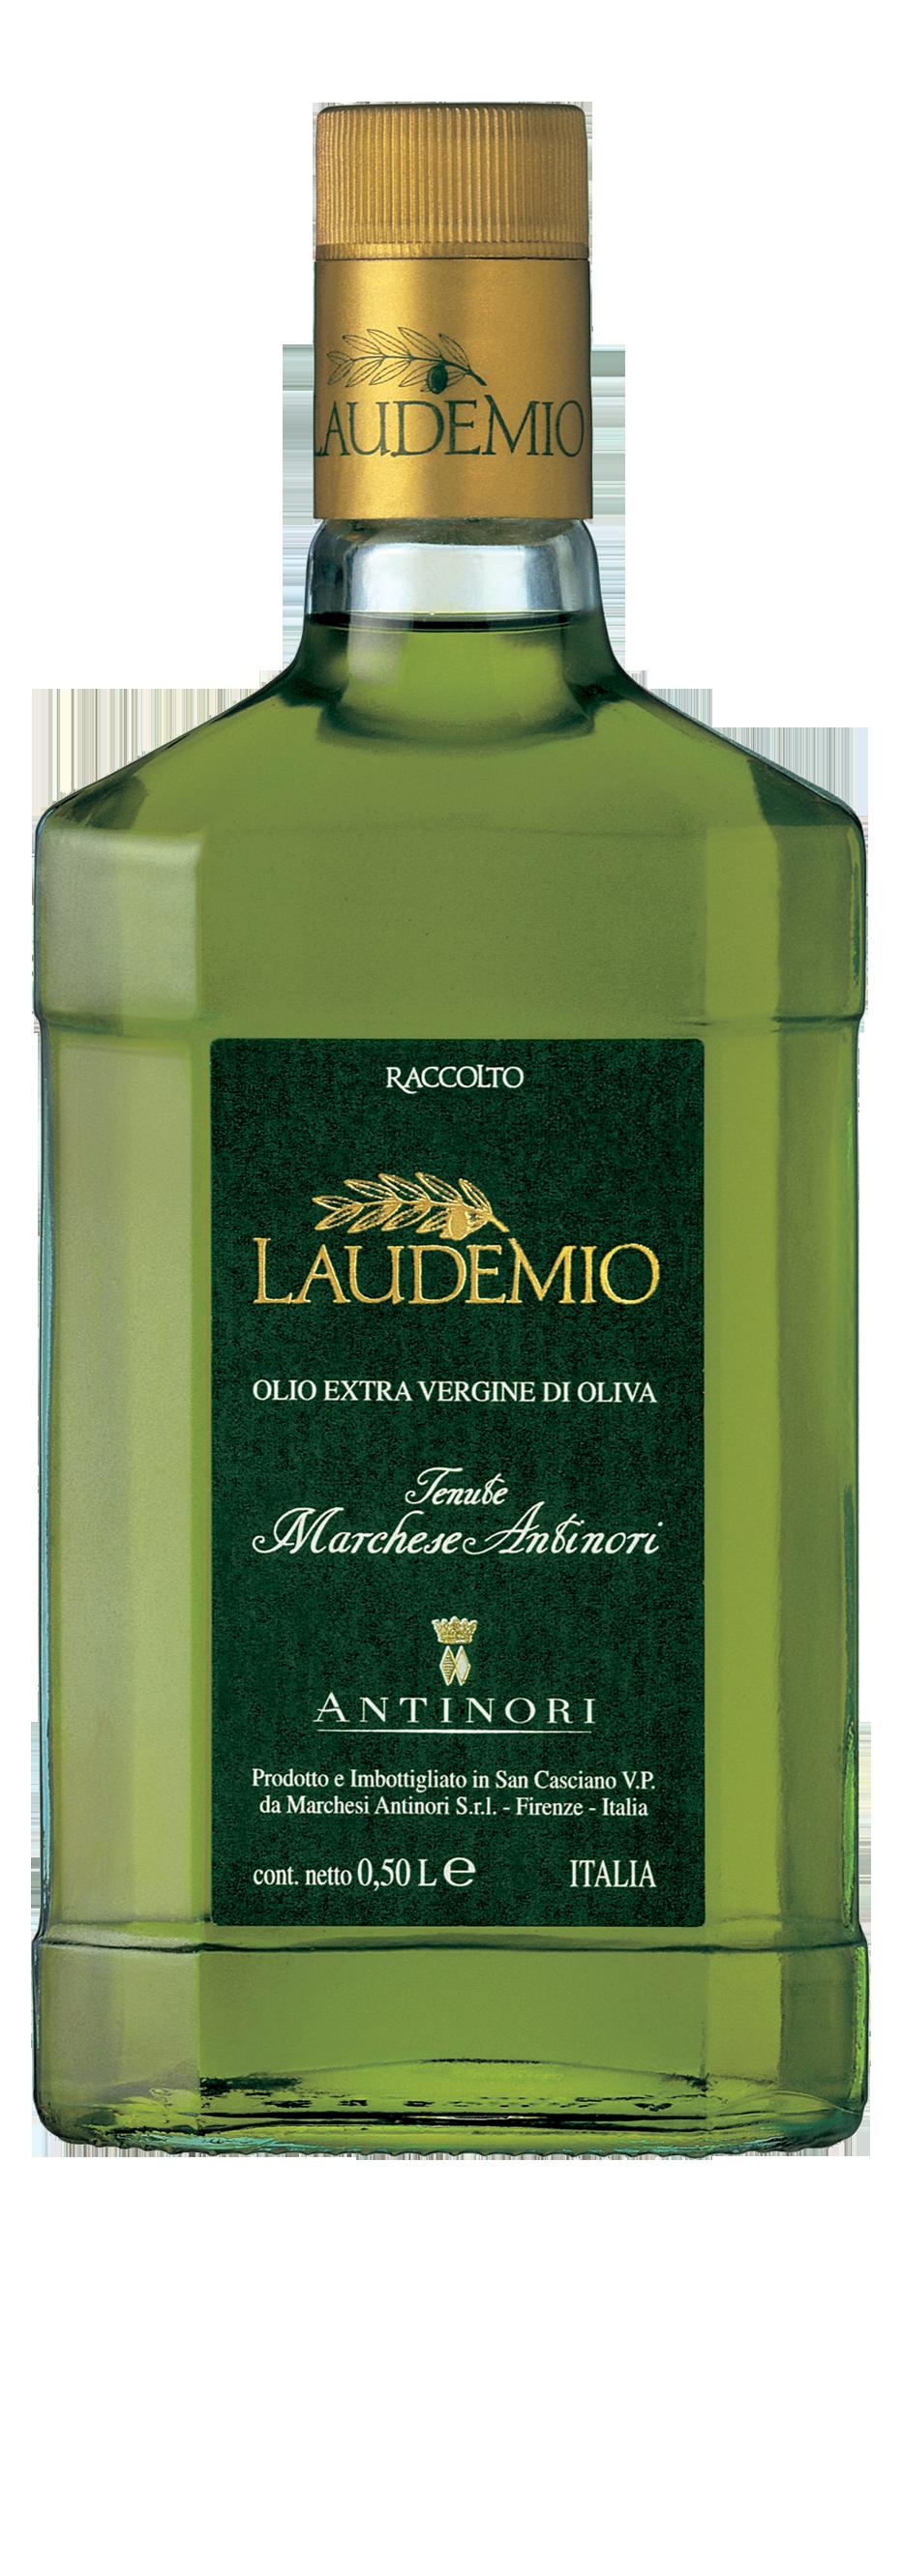 Extra Virgin Olive Oil Laudemio